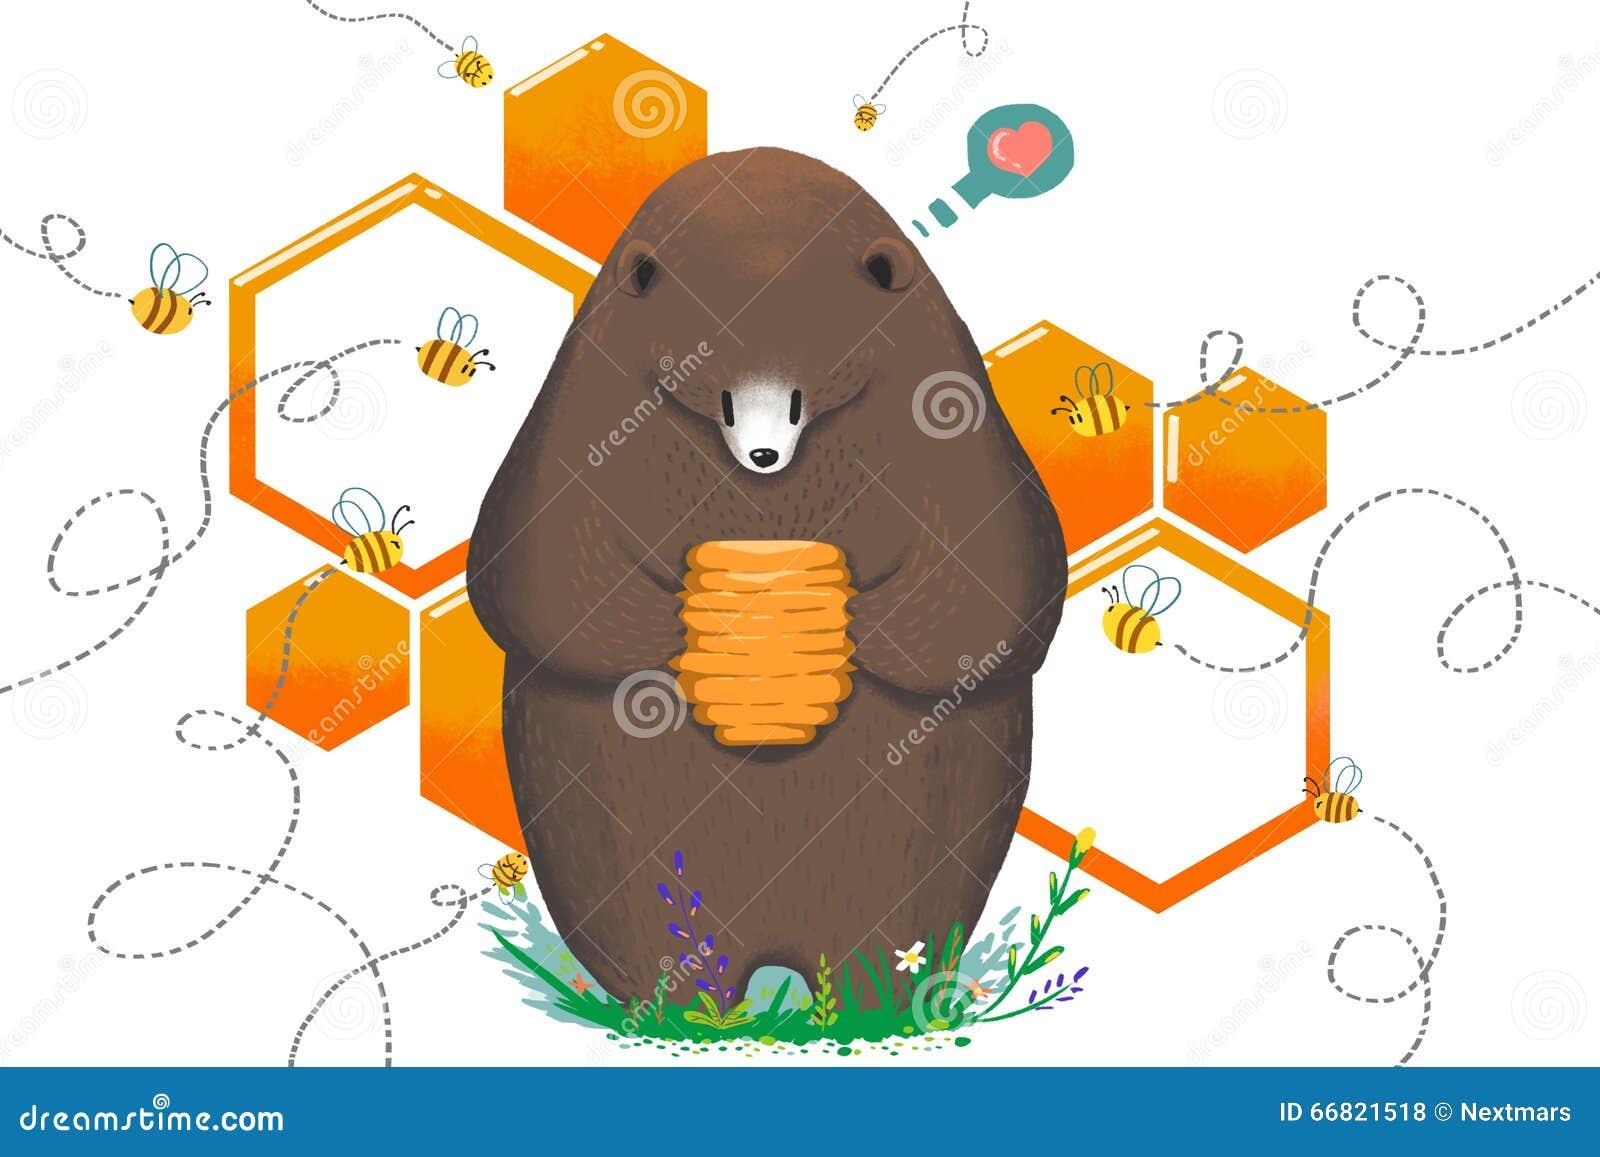 Illustration pour des enfants : Mangez par des abeilles de mal ou ne pas manger L ours obtiennent le bonbon Honey Hive et hésiten